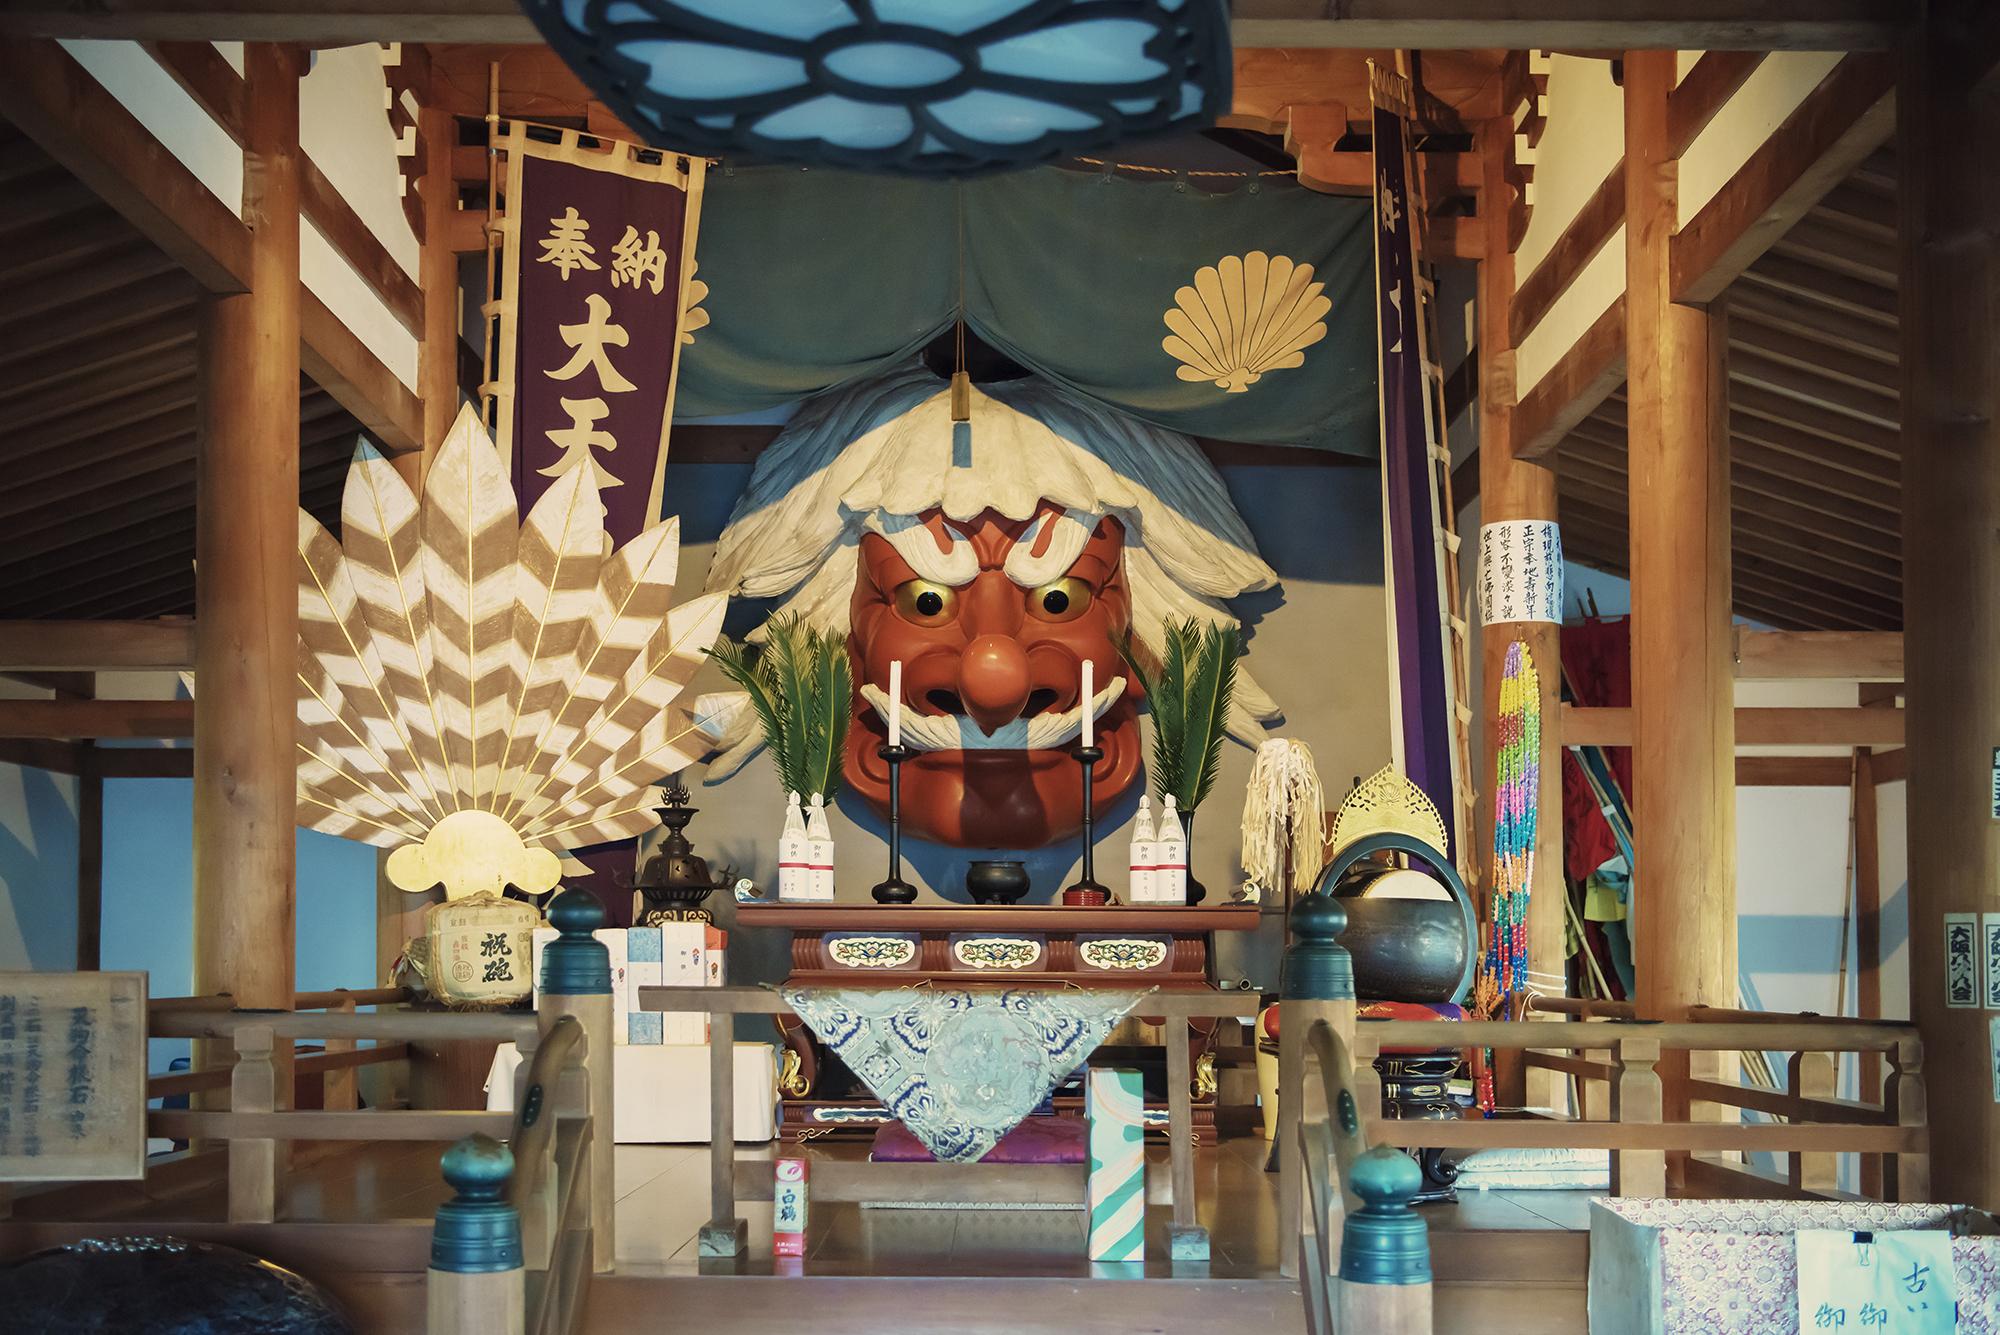 興国寺 image